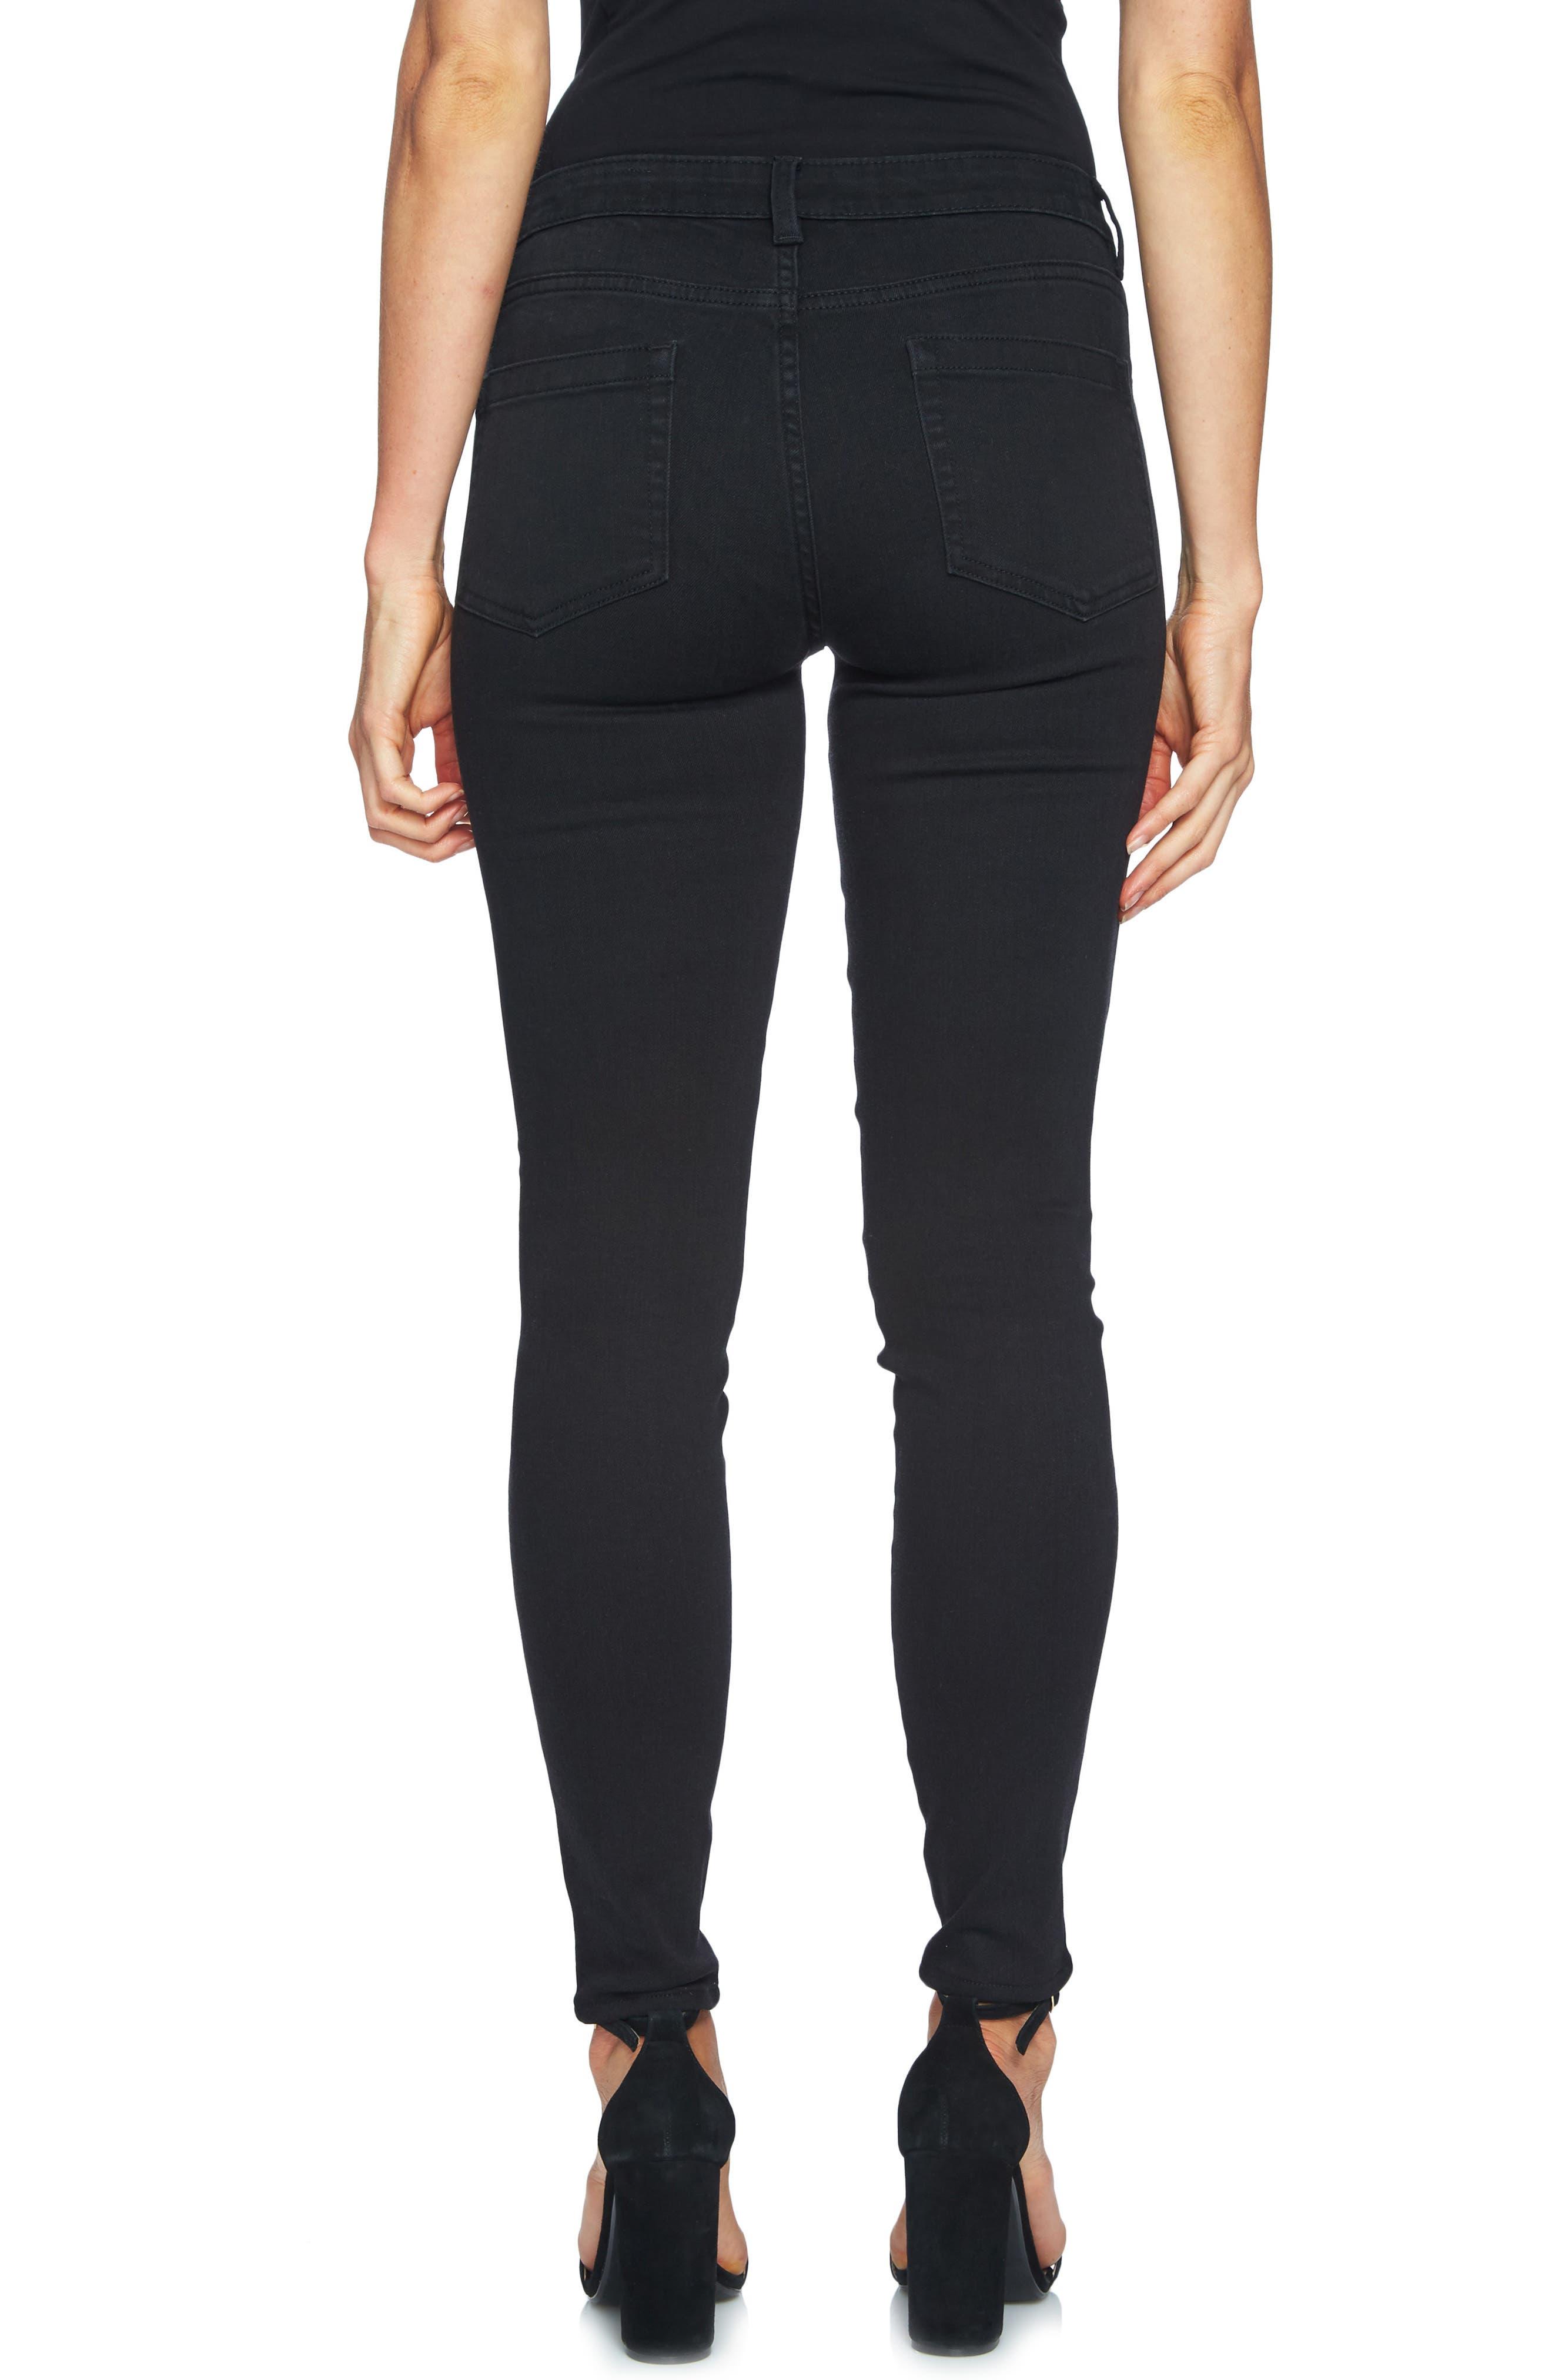 Alternate Image 2  - CeCe Embellished Skinny Jeans (Mod Black)